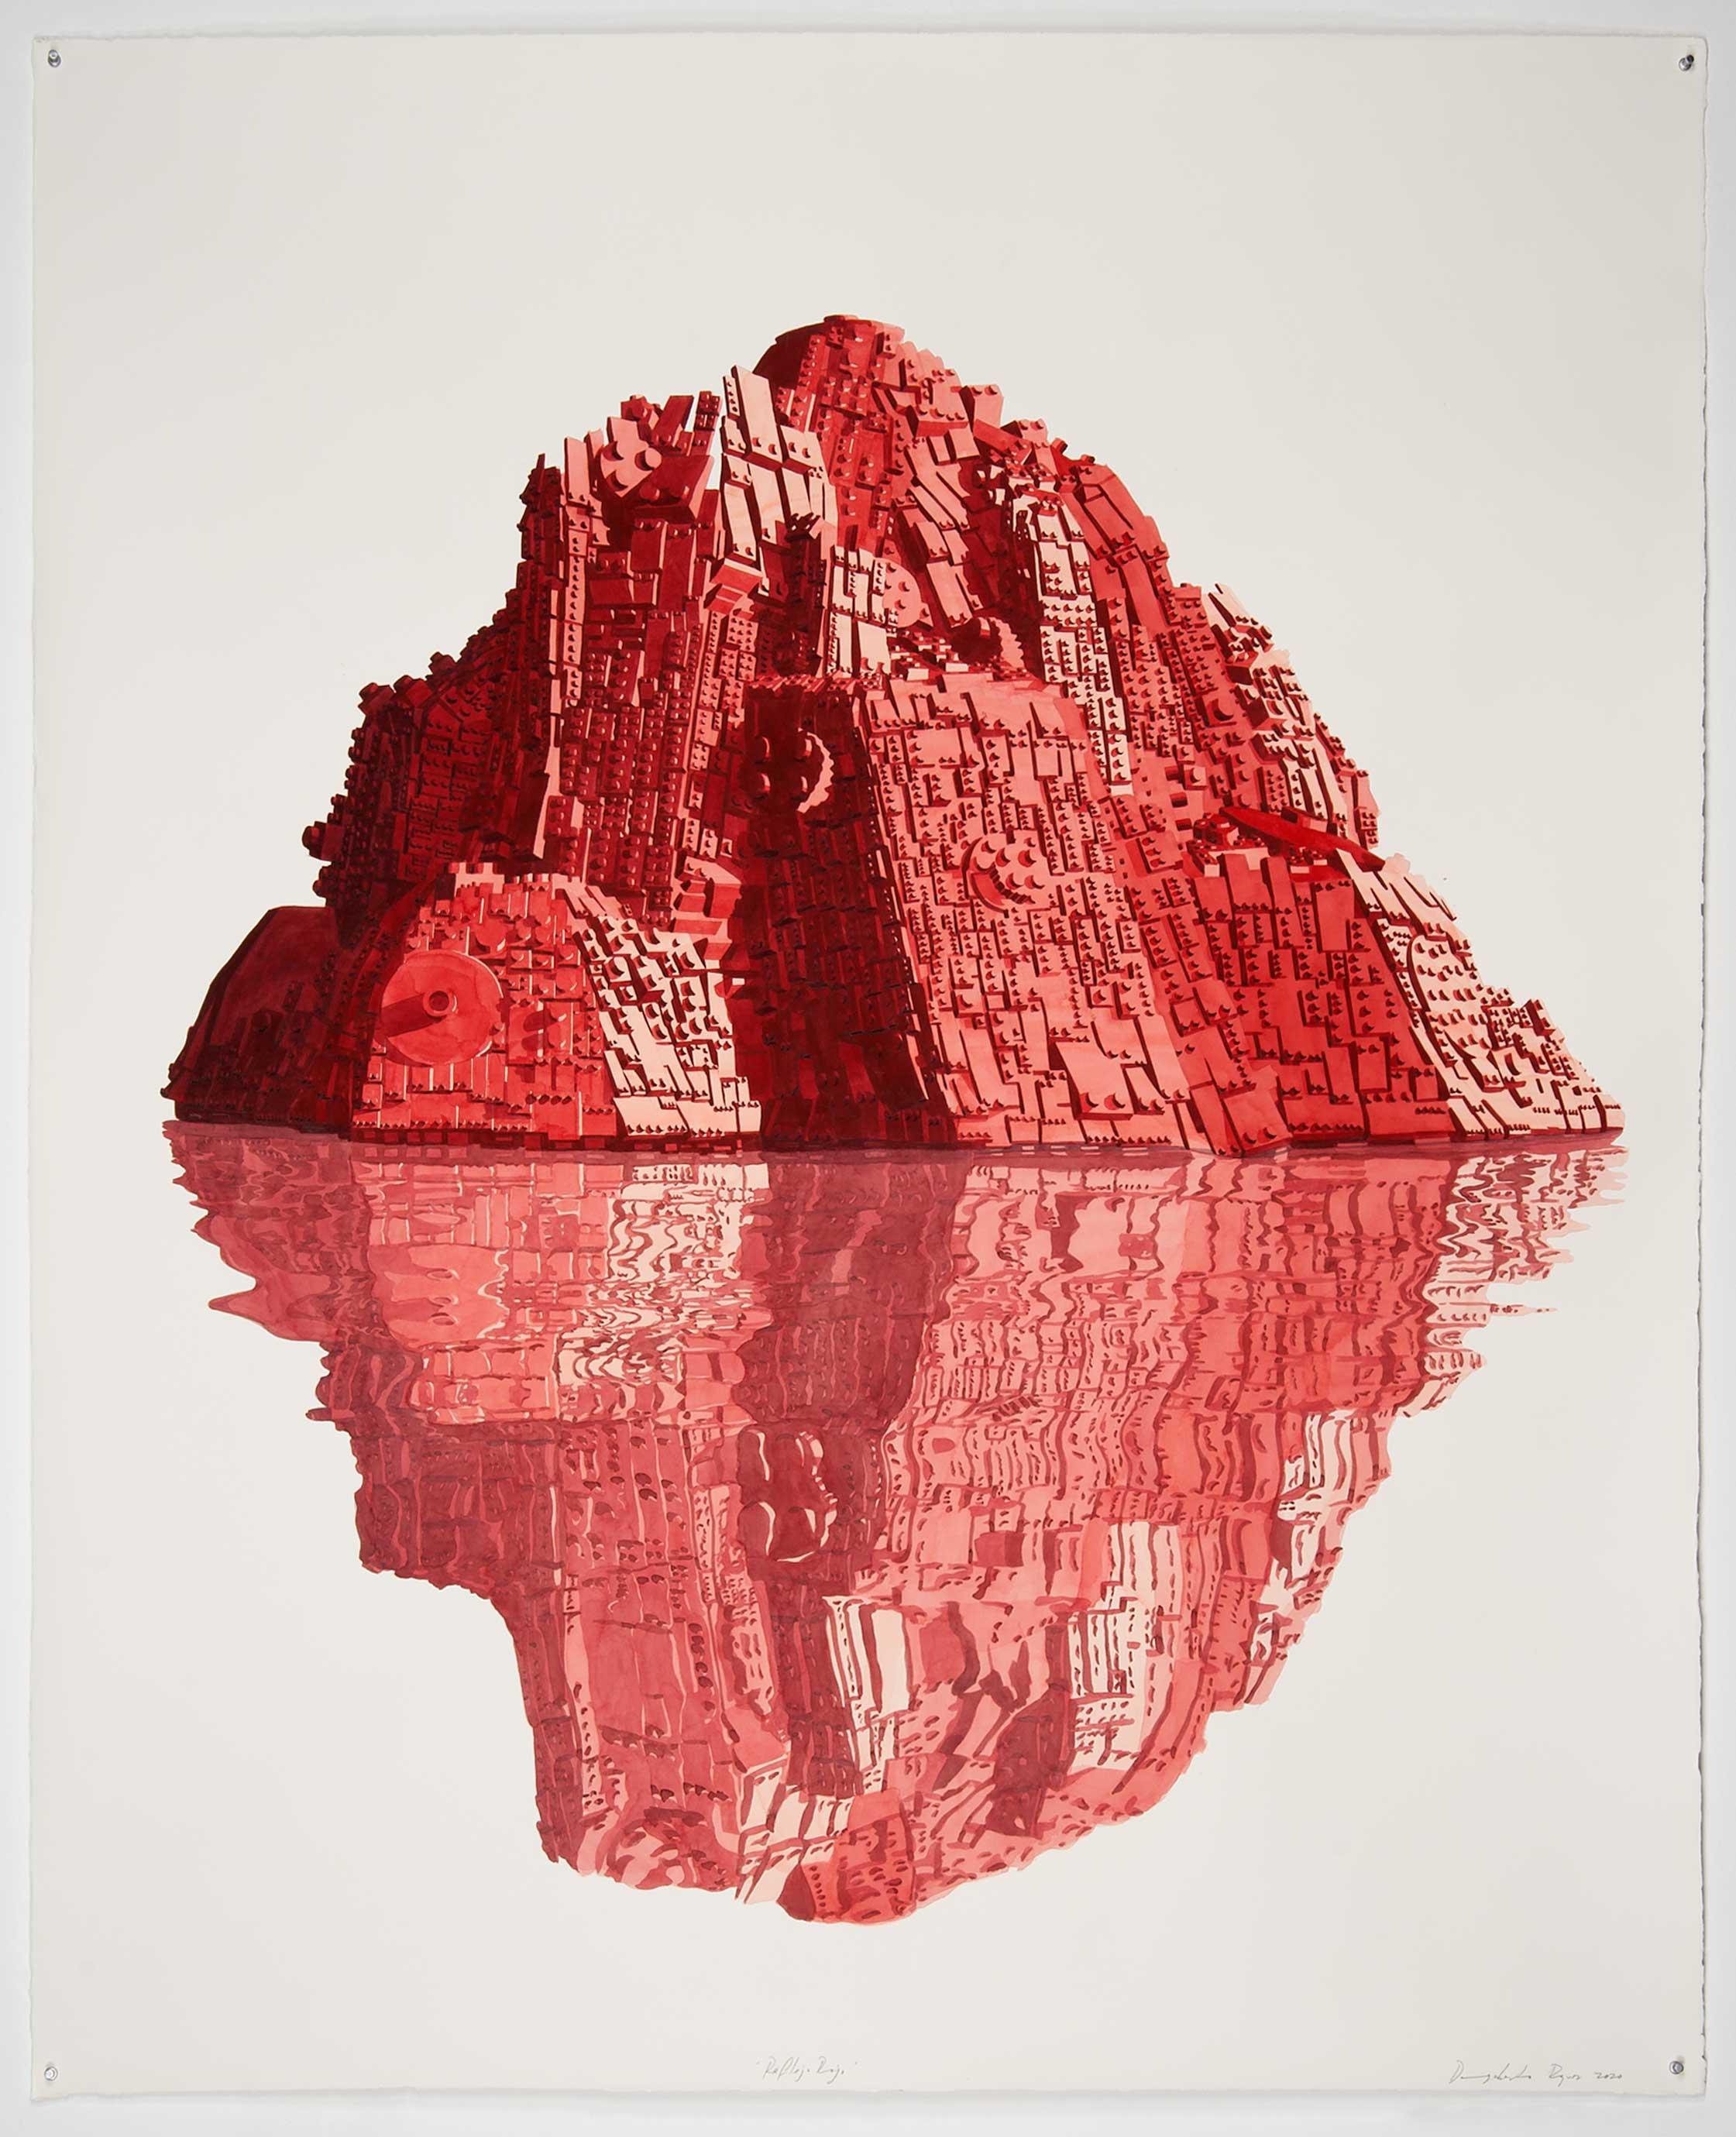 Reflejo Rojo